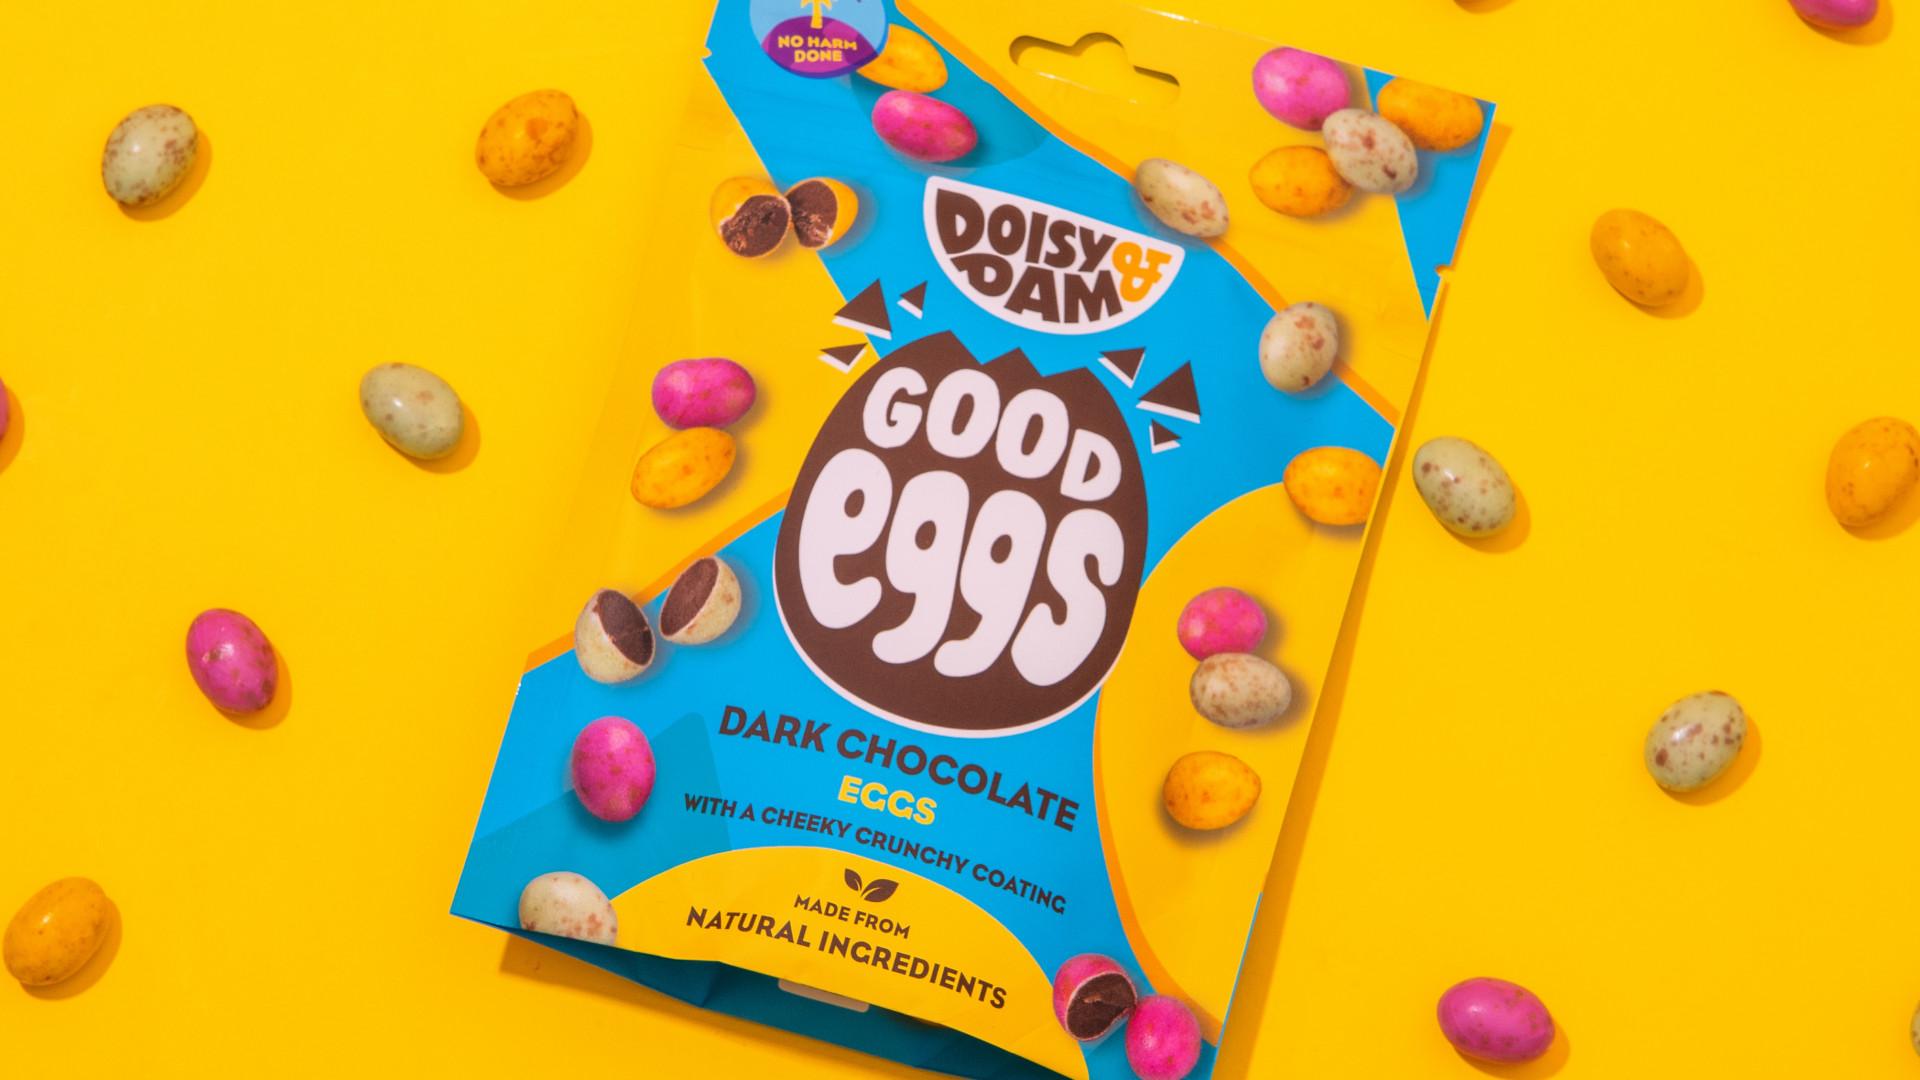 Doisy & Dam's Good Eggs   Easter 2021